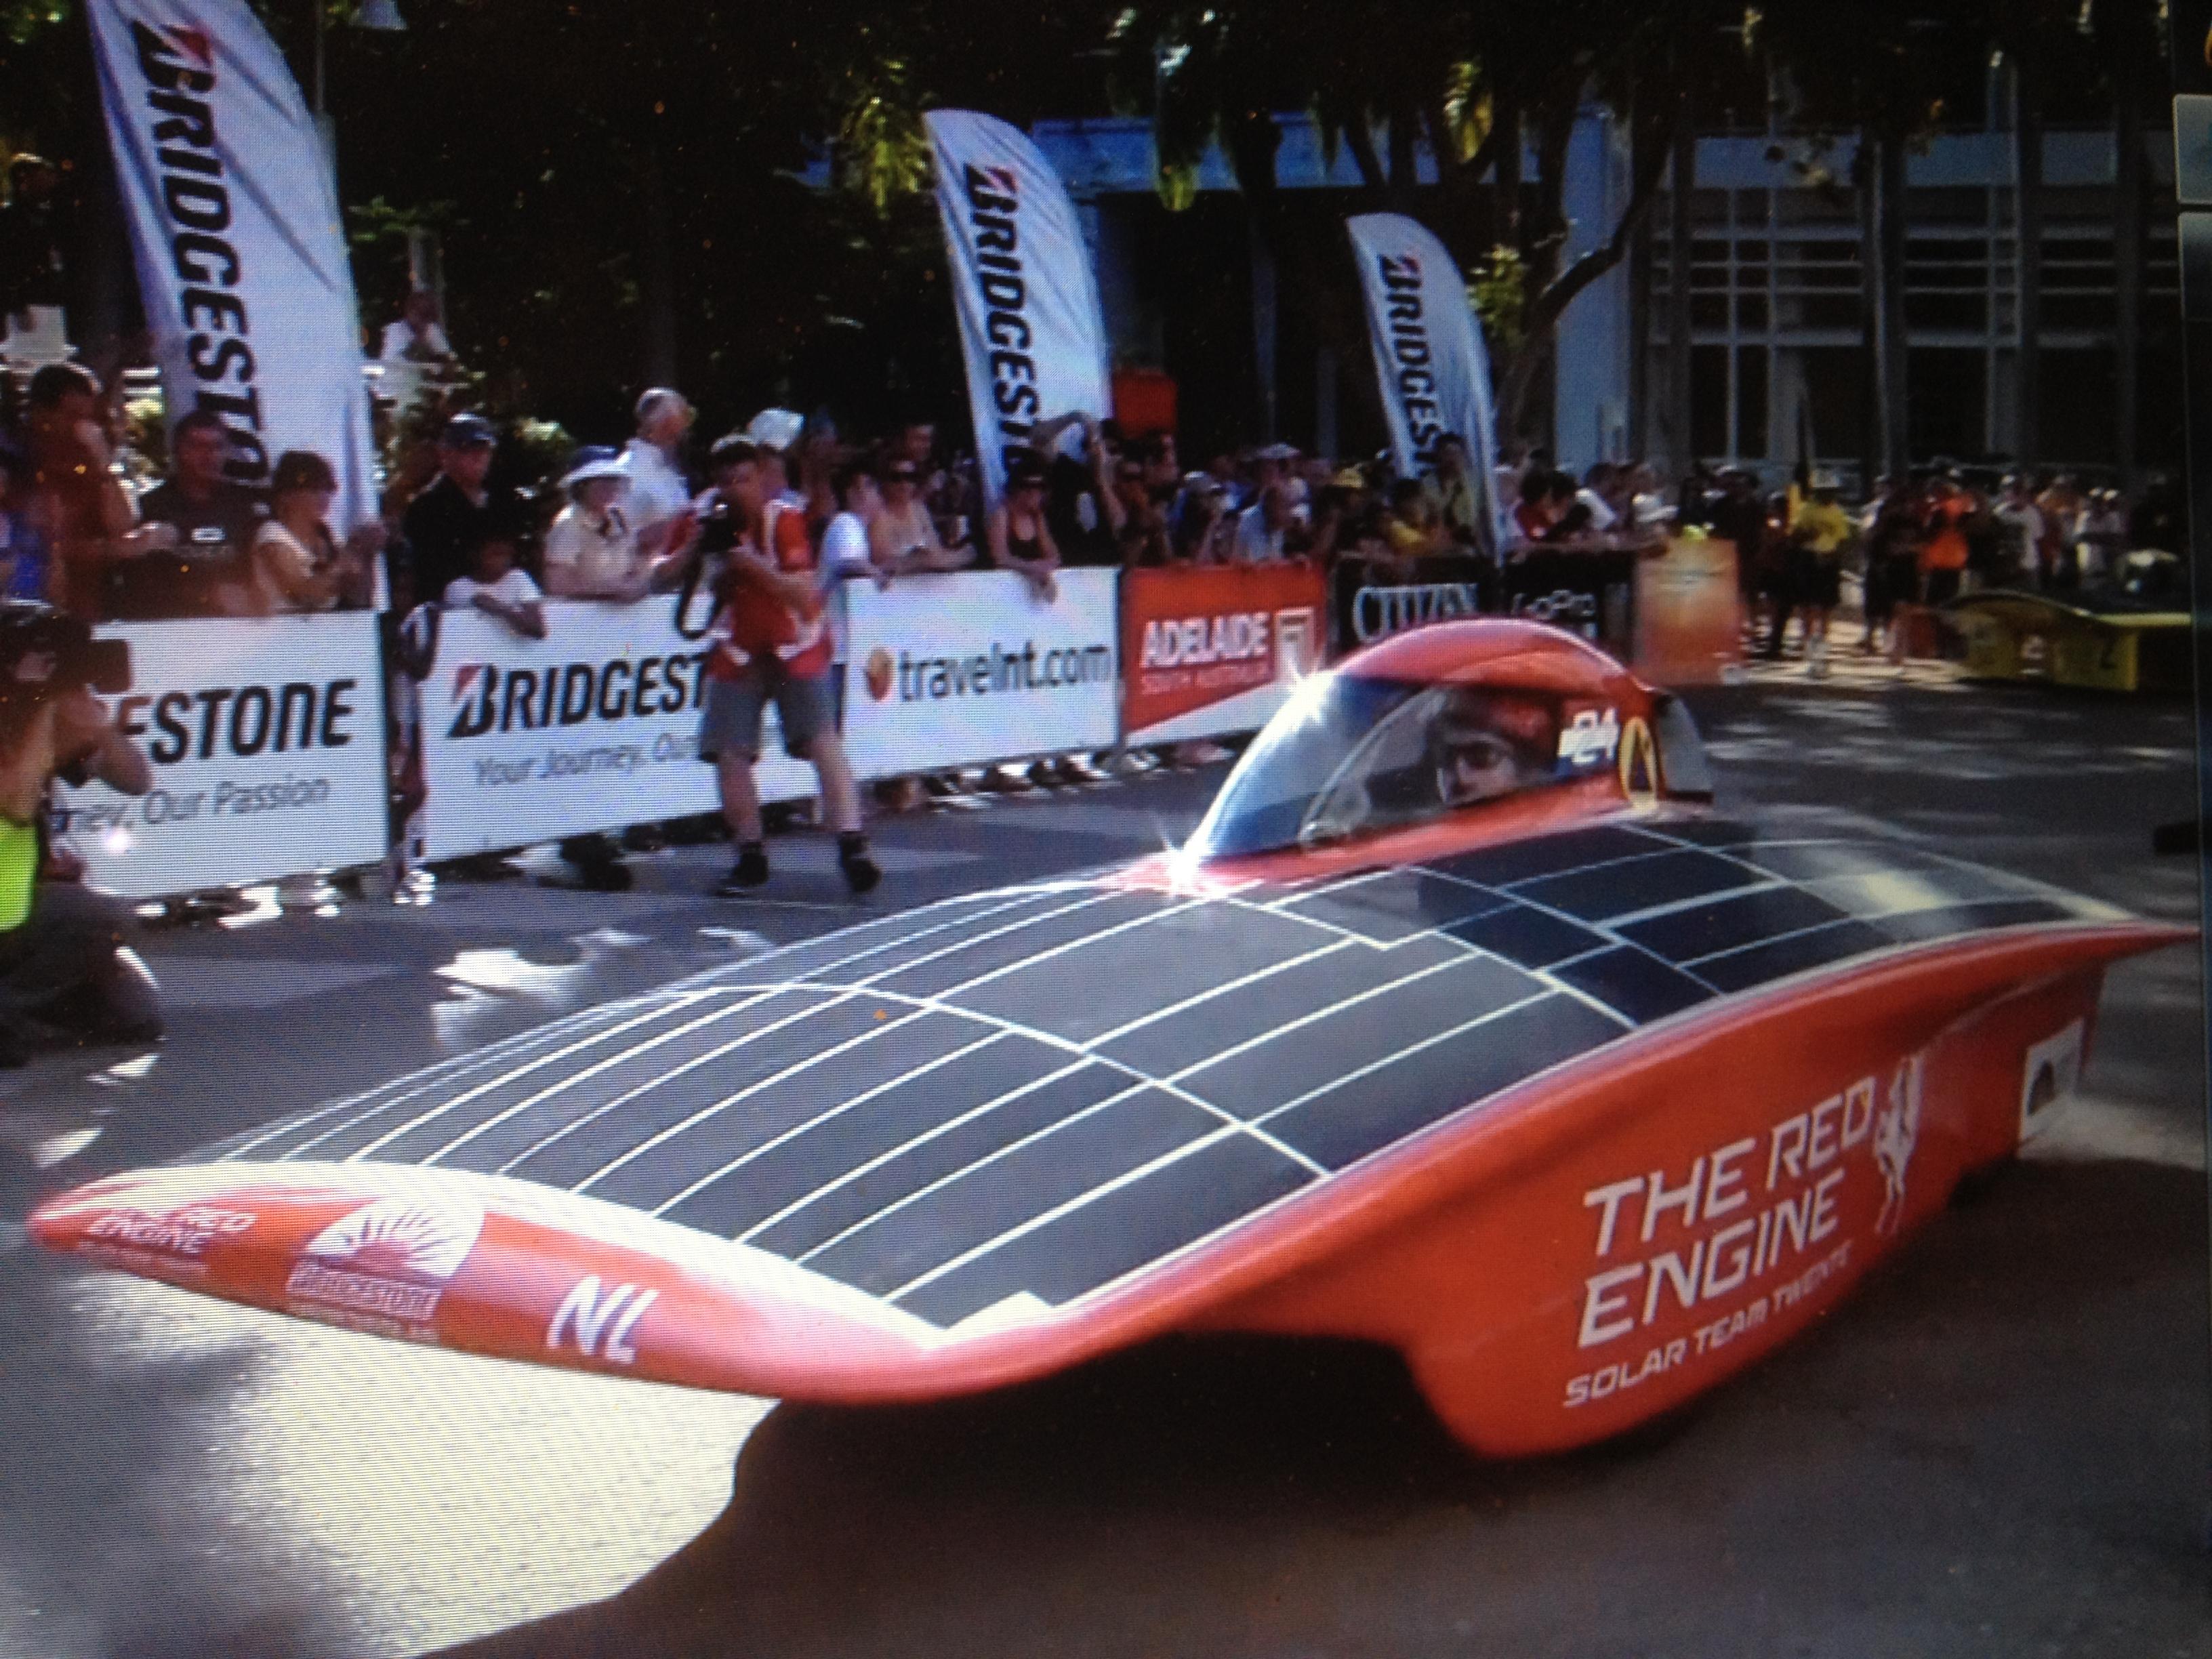 WSC2013-Team Twente (Netherlands)'s The Red Engine